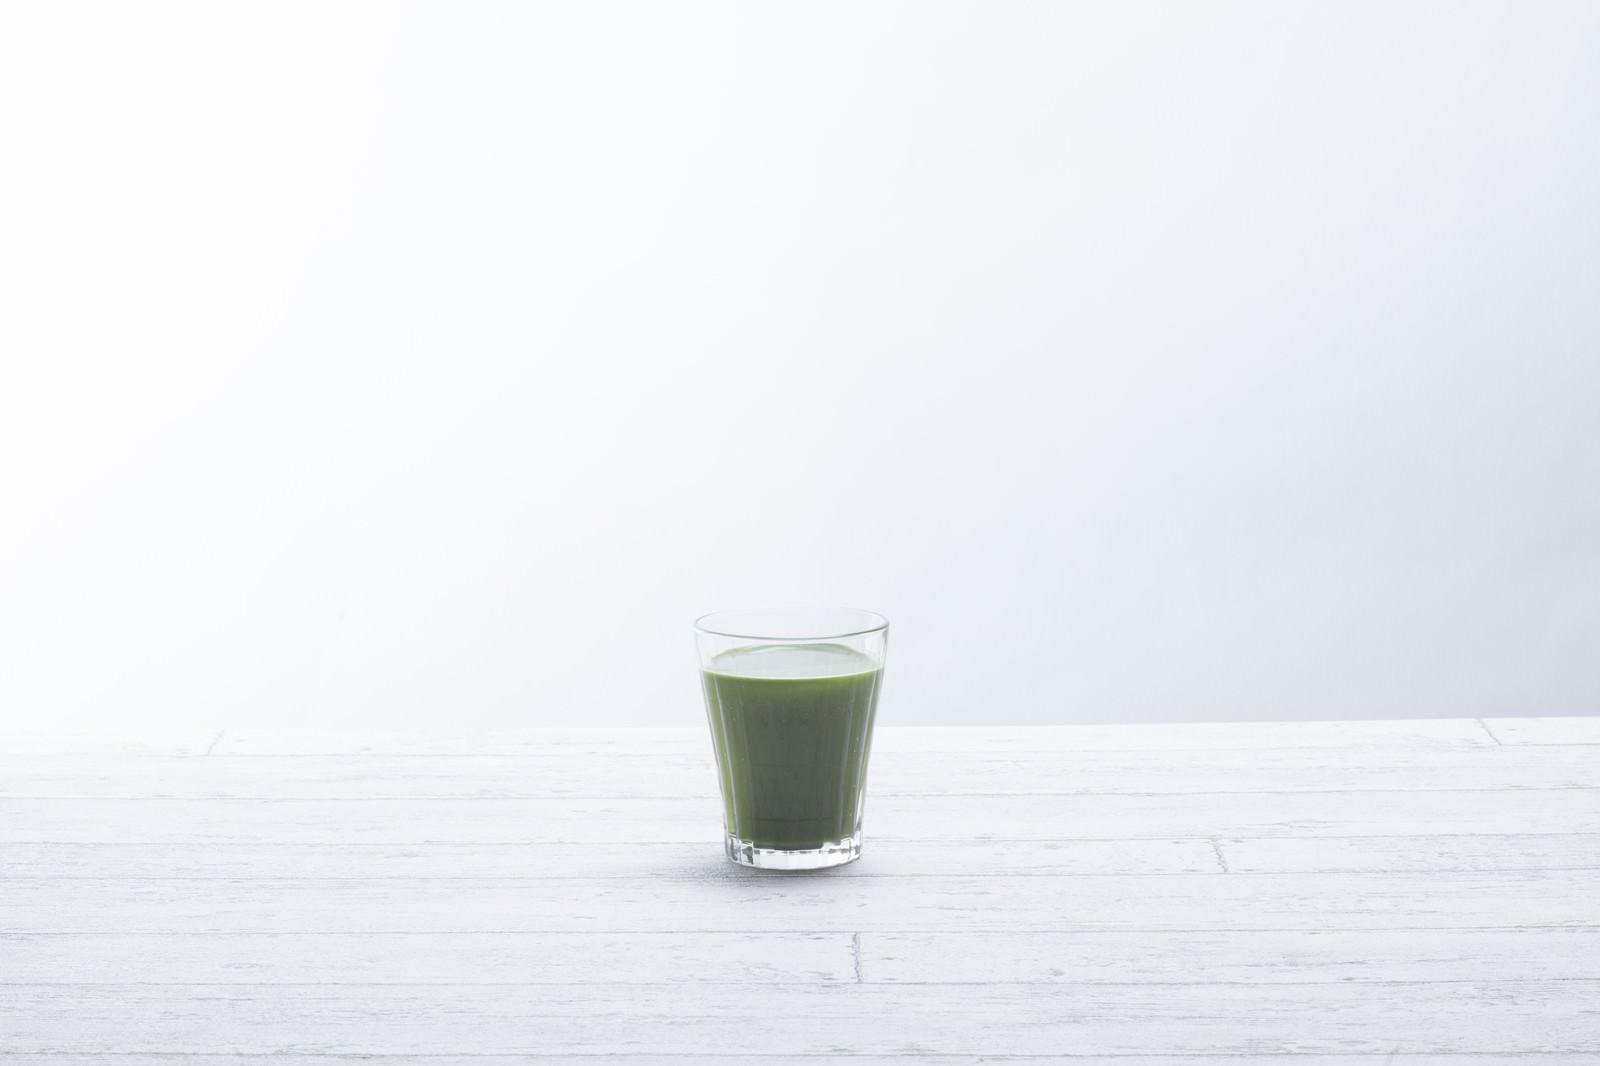 「テーブルに置かれた青汁一杯」の写真